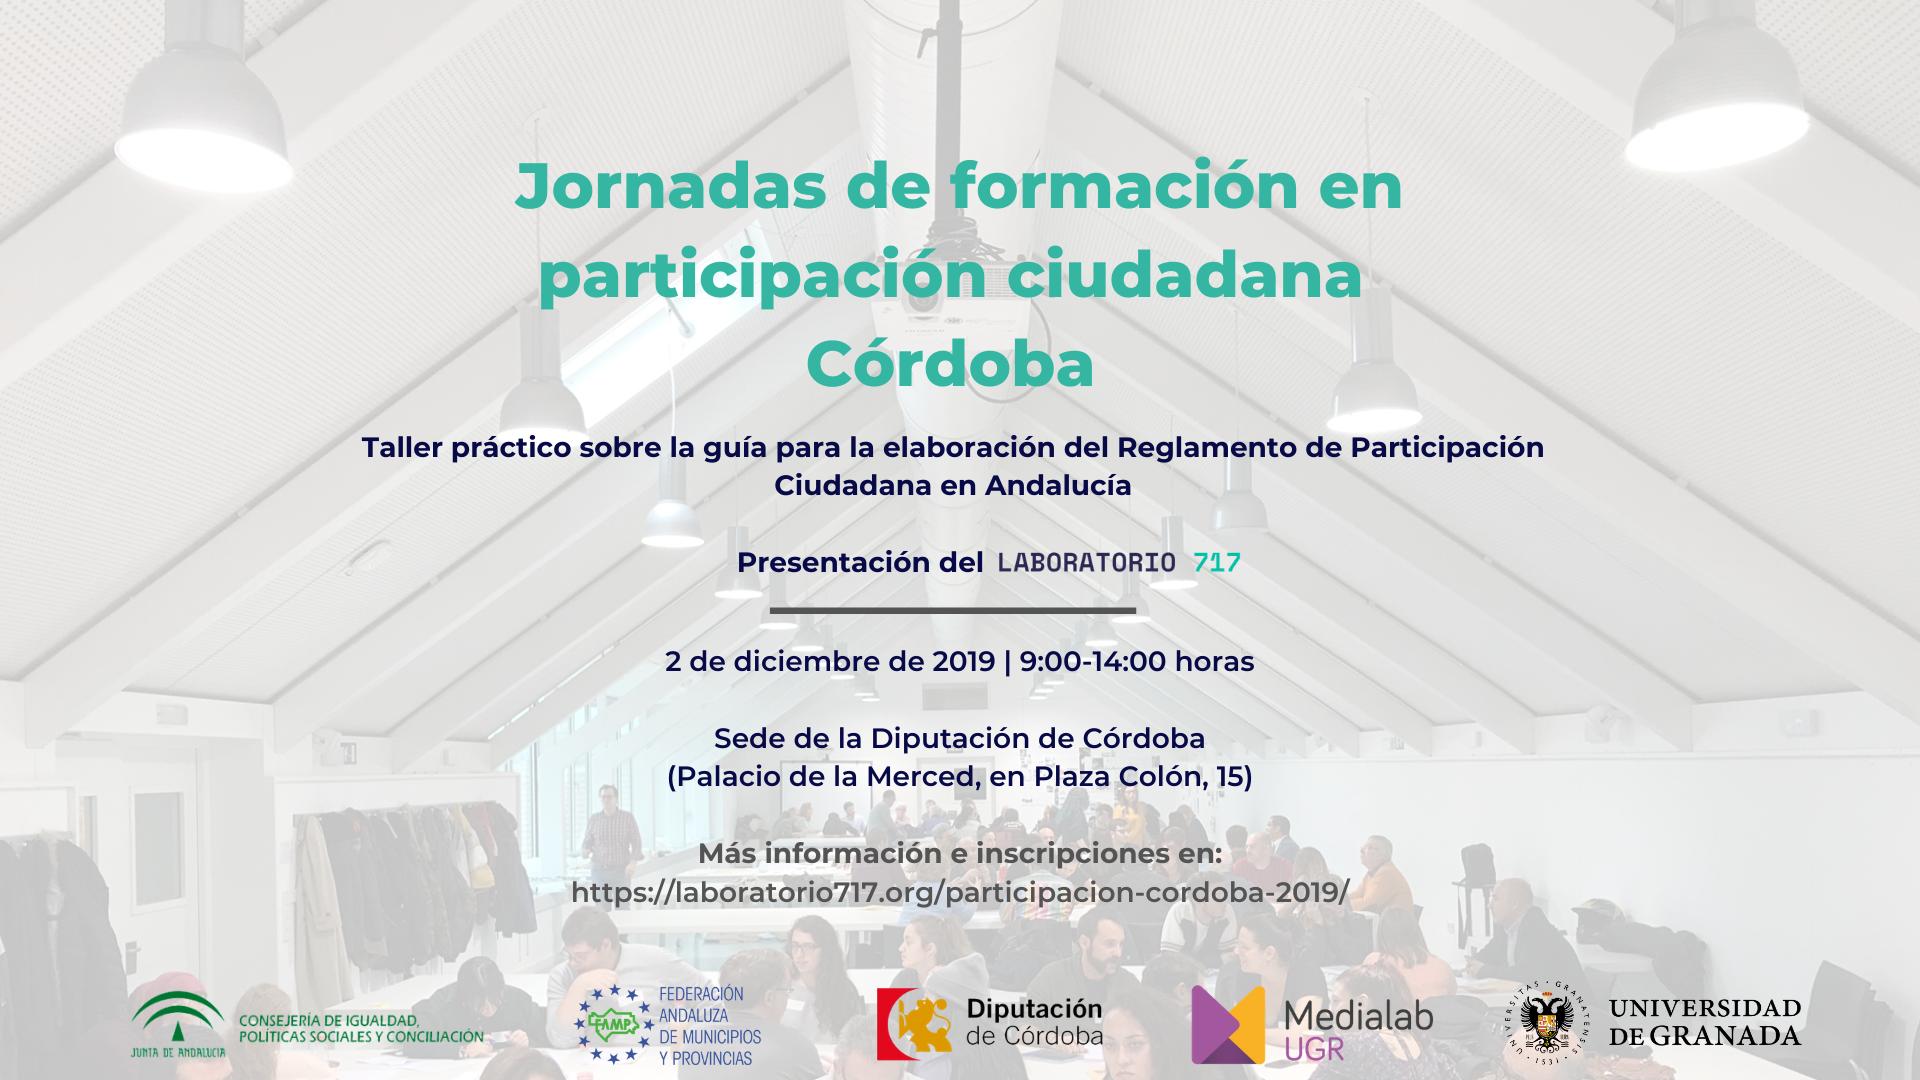 Jornada de formación en participación ciudadana Córdoba (2 de diciembre de 2019)